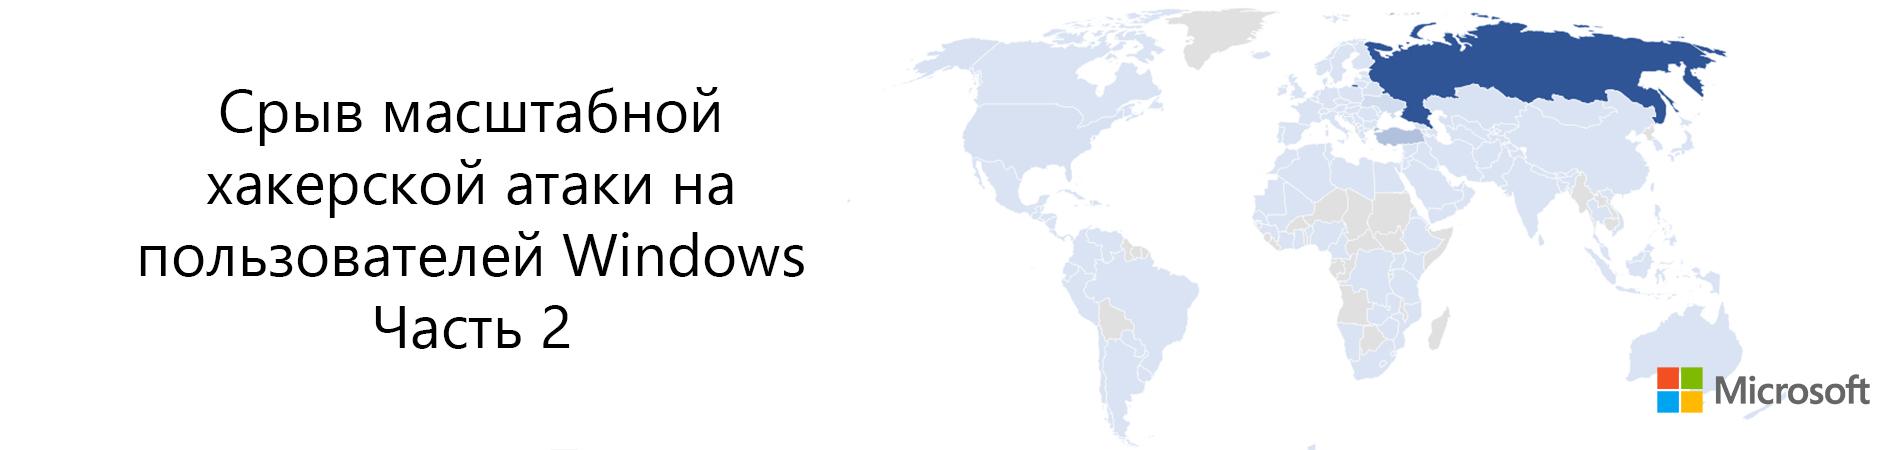 Срыв масштабной хакерской атаки на пользователей Windows в России: часть 2